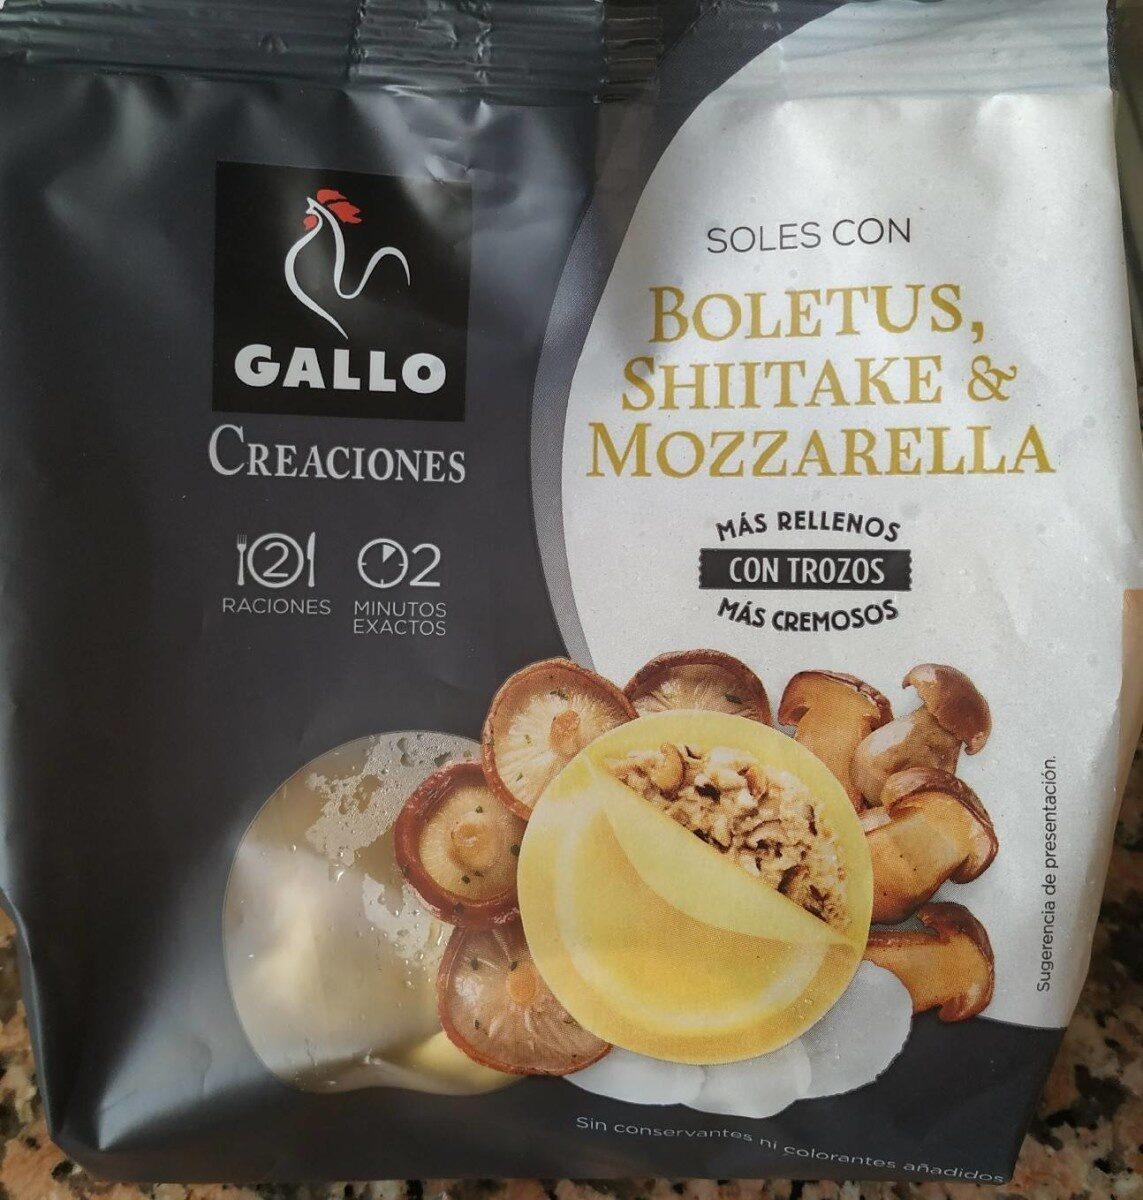 Soles con boletus, shiitake y mozzarella - Produit